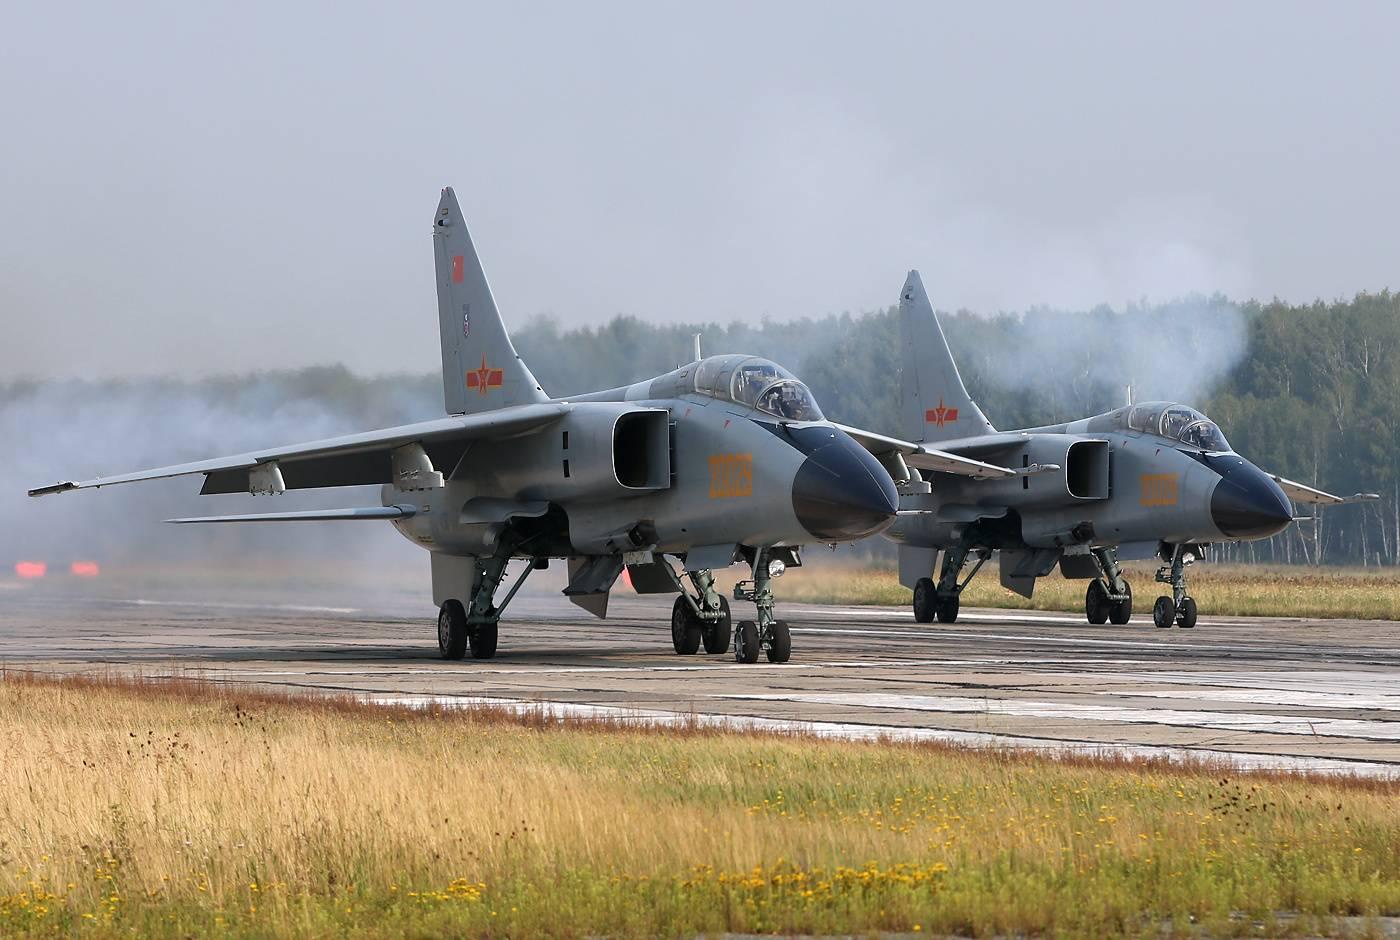 淫欲小�:e:k`�jh�il_h-6k bombers, j-10a fighters, jh-7a fighter-bombers, and il-76